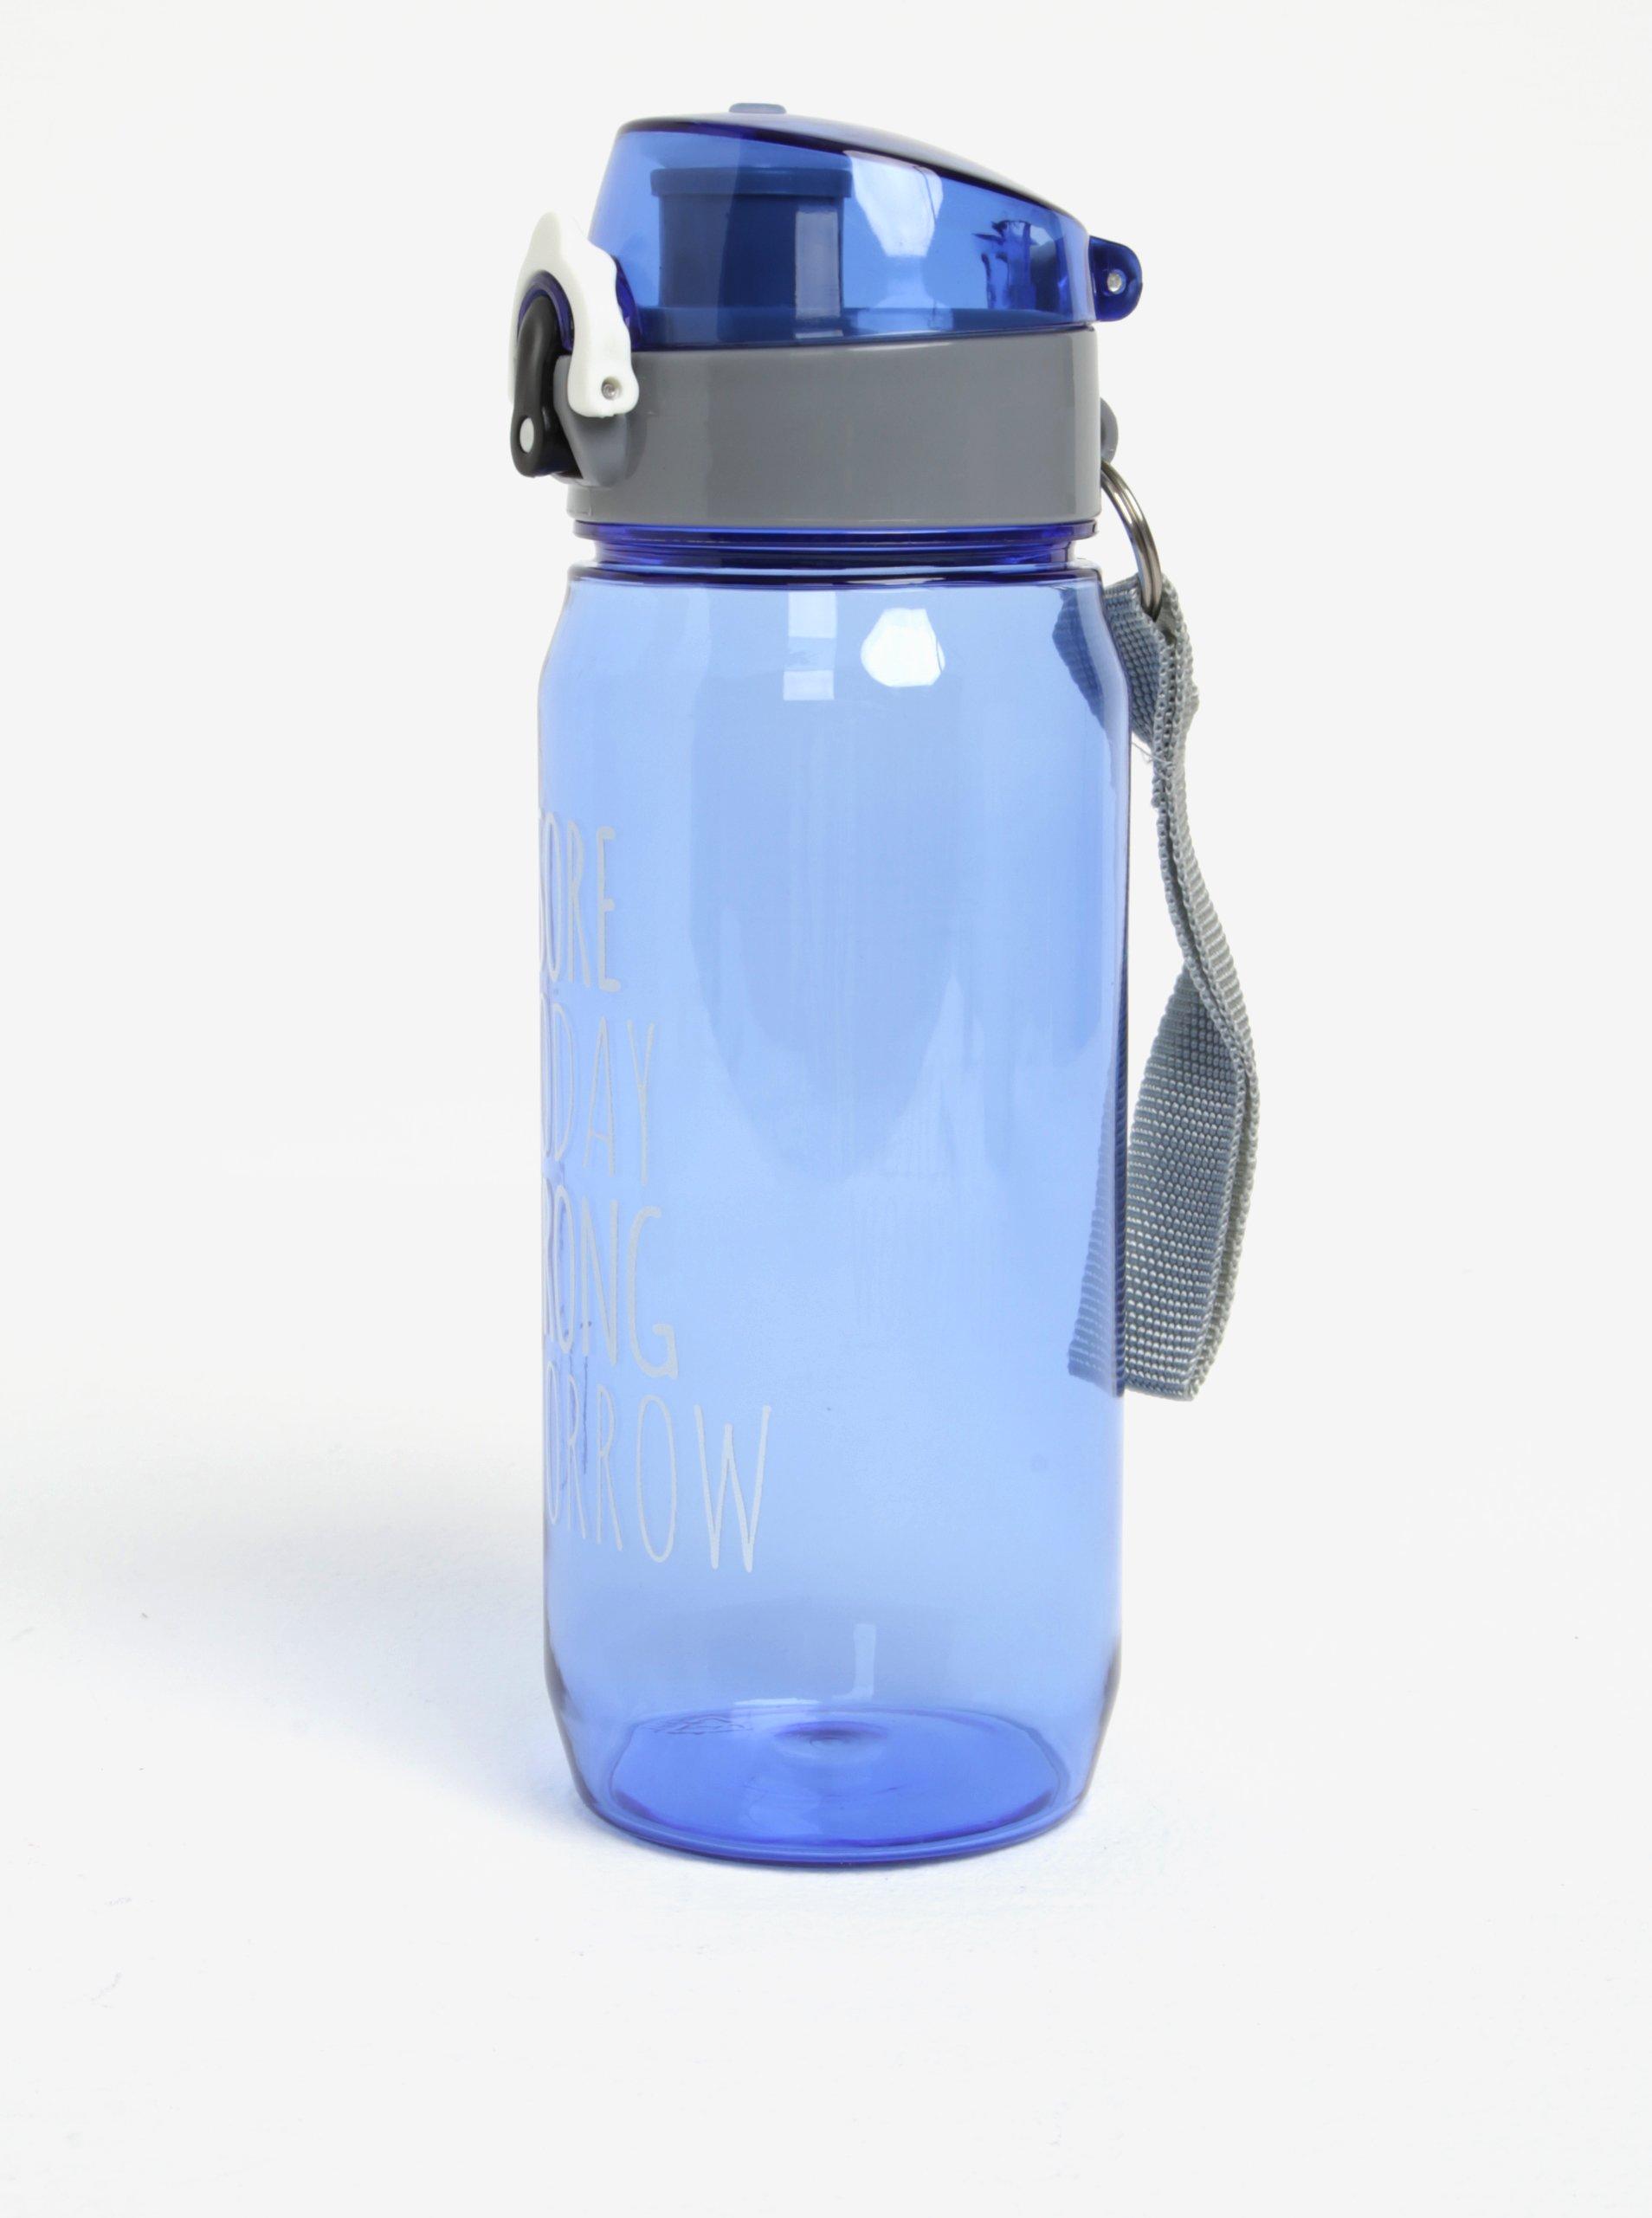 Modrá lahev na vodu s uzamykatelným uzávěrem Loooqs Sore Today 600 ml